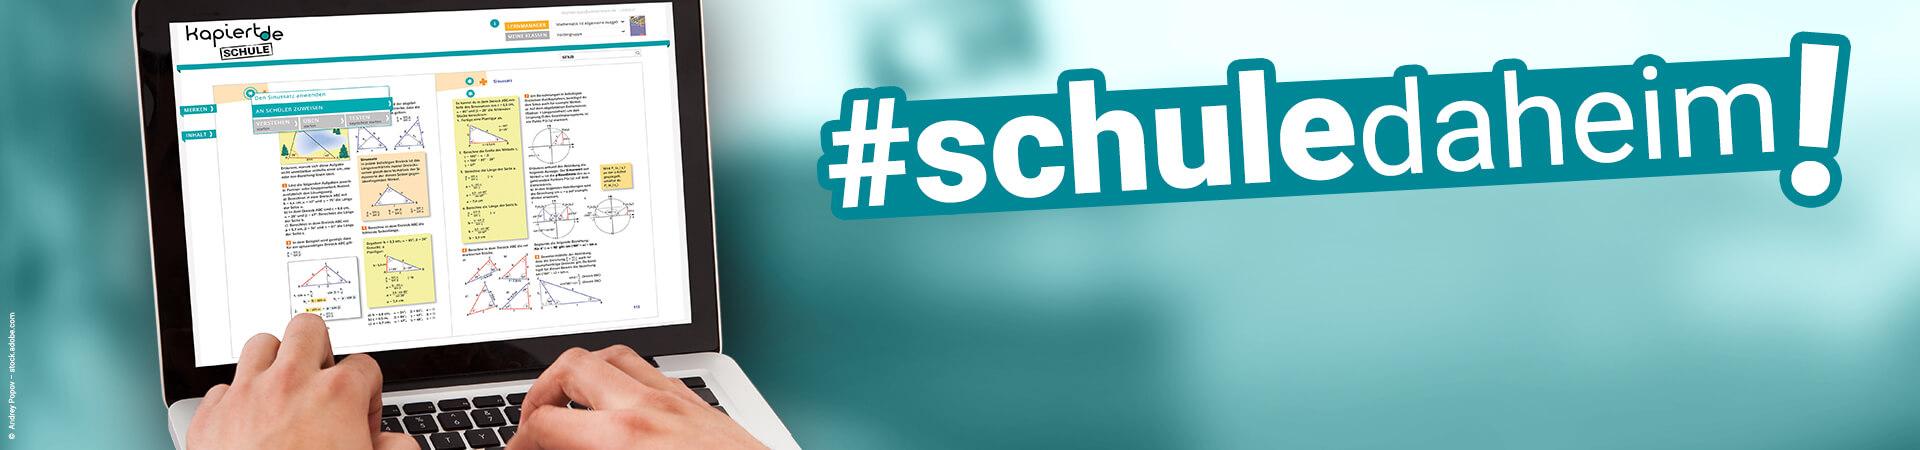 #schuledaheim